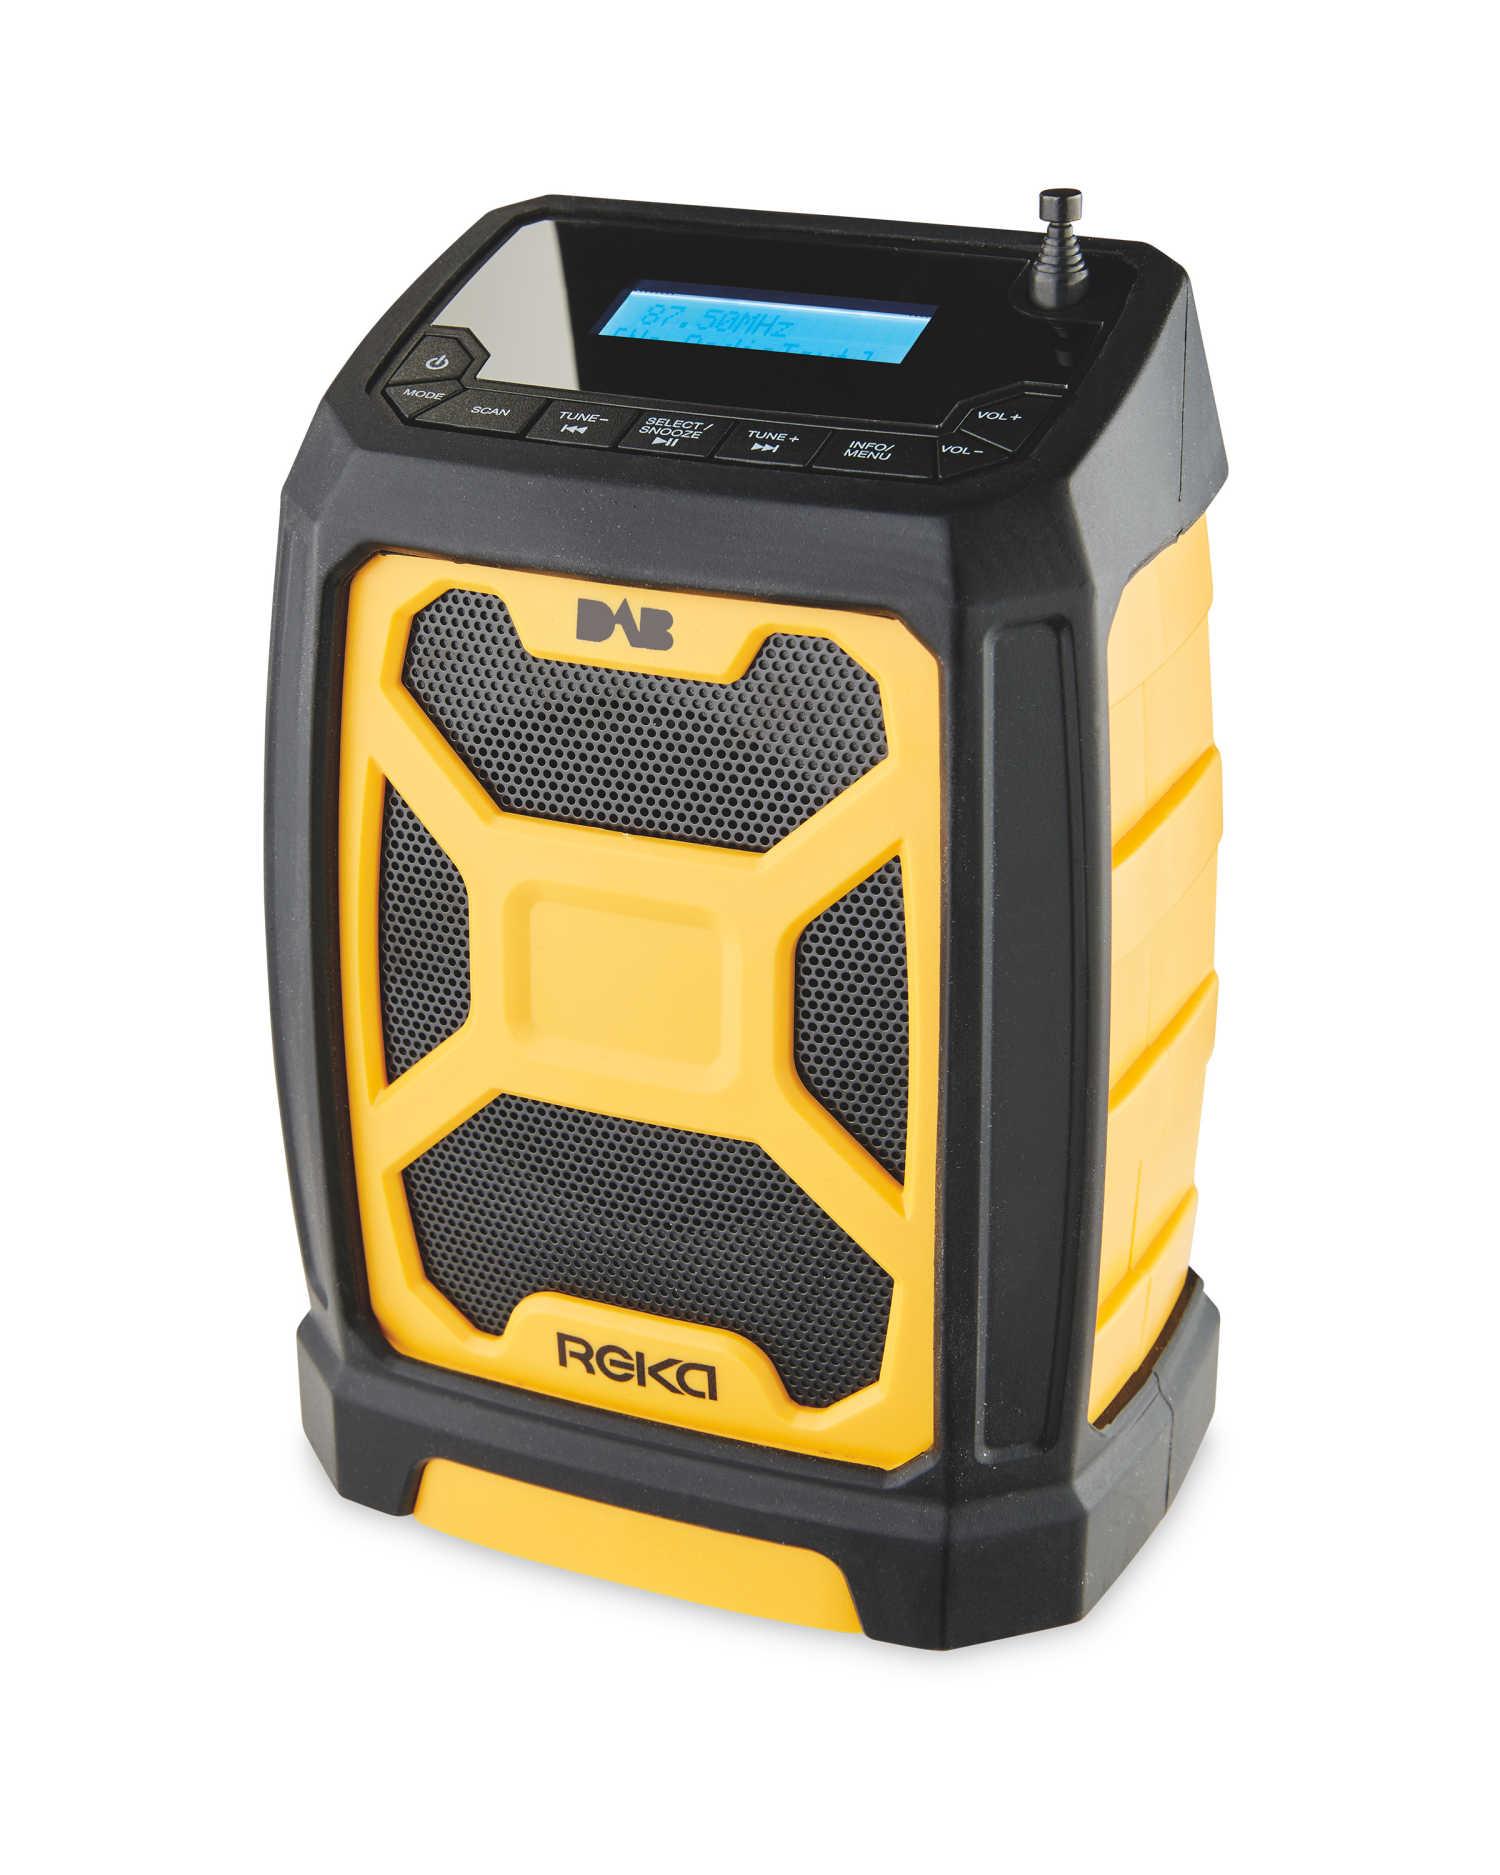 Reka Rugged DAB Radio found at Aldi for £29.99